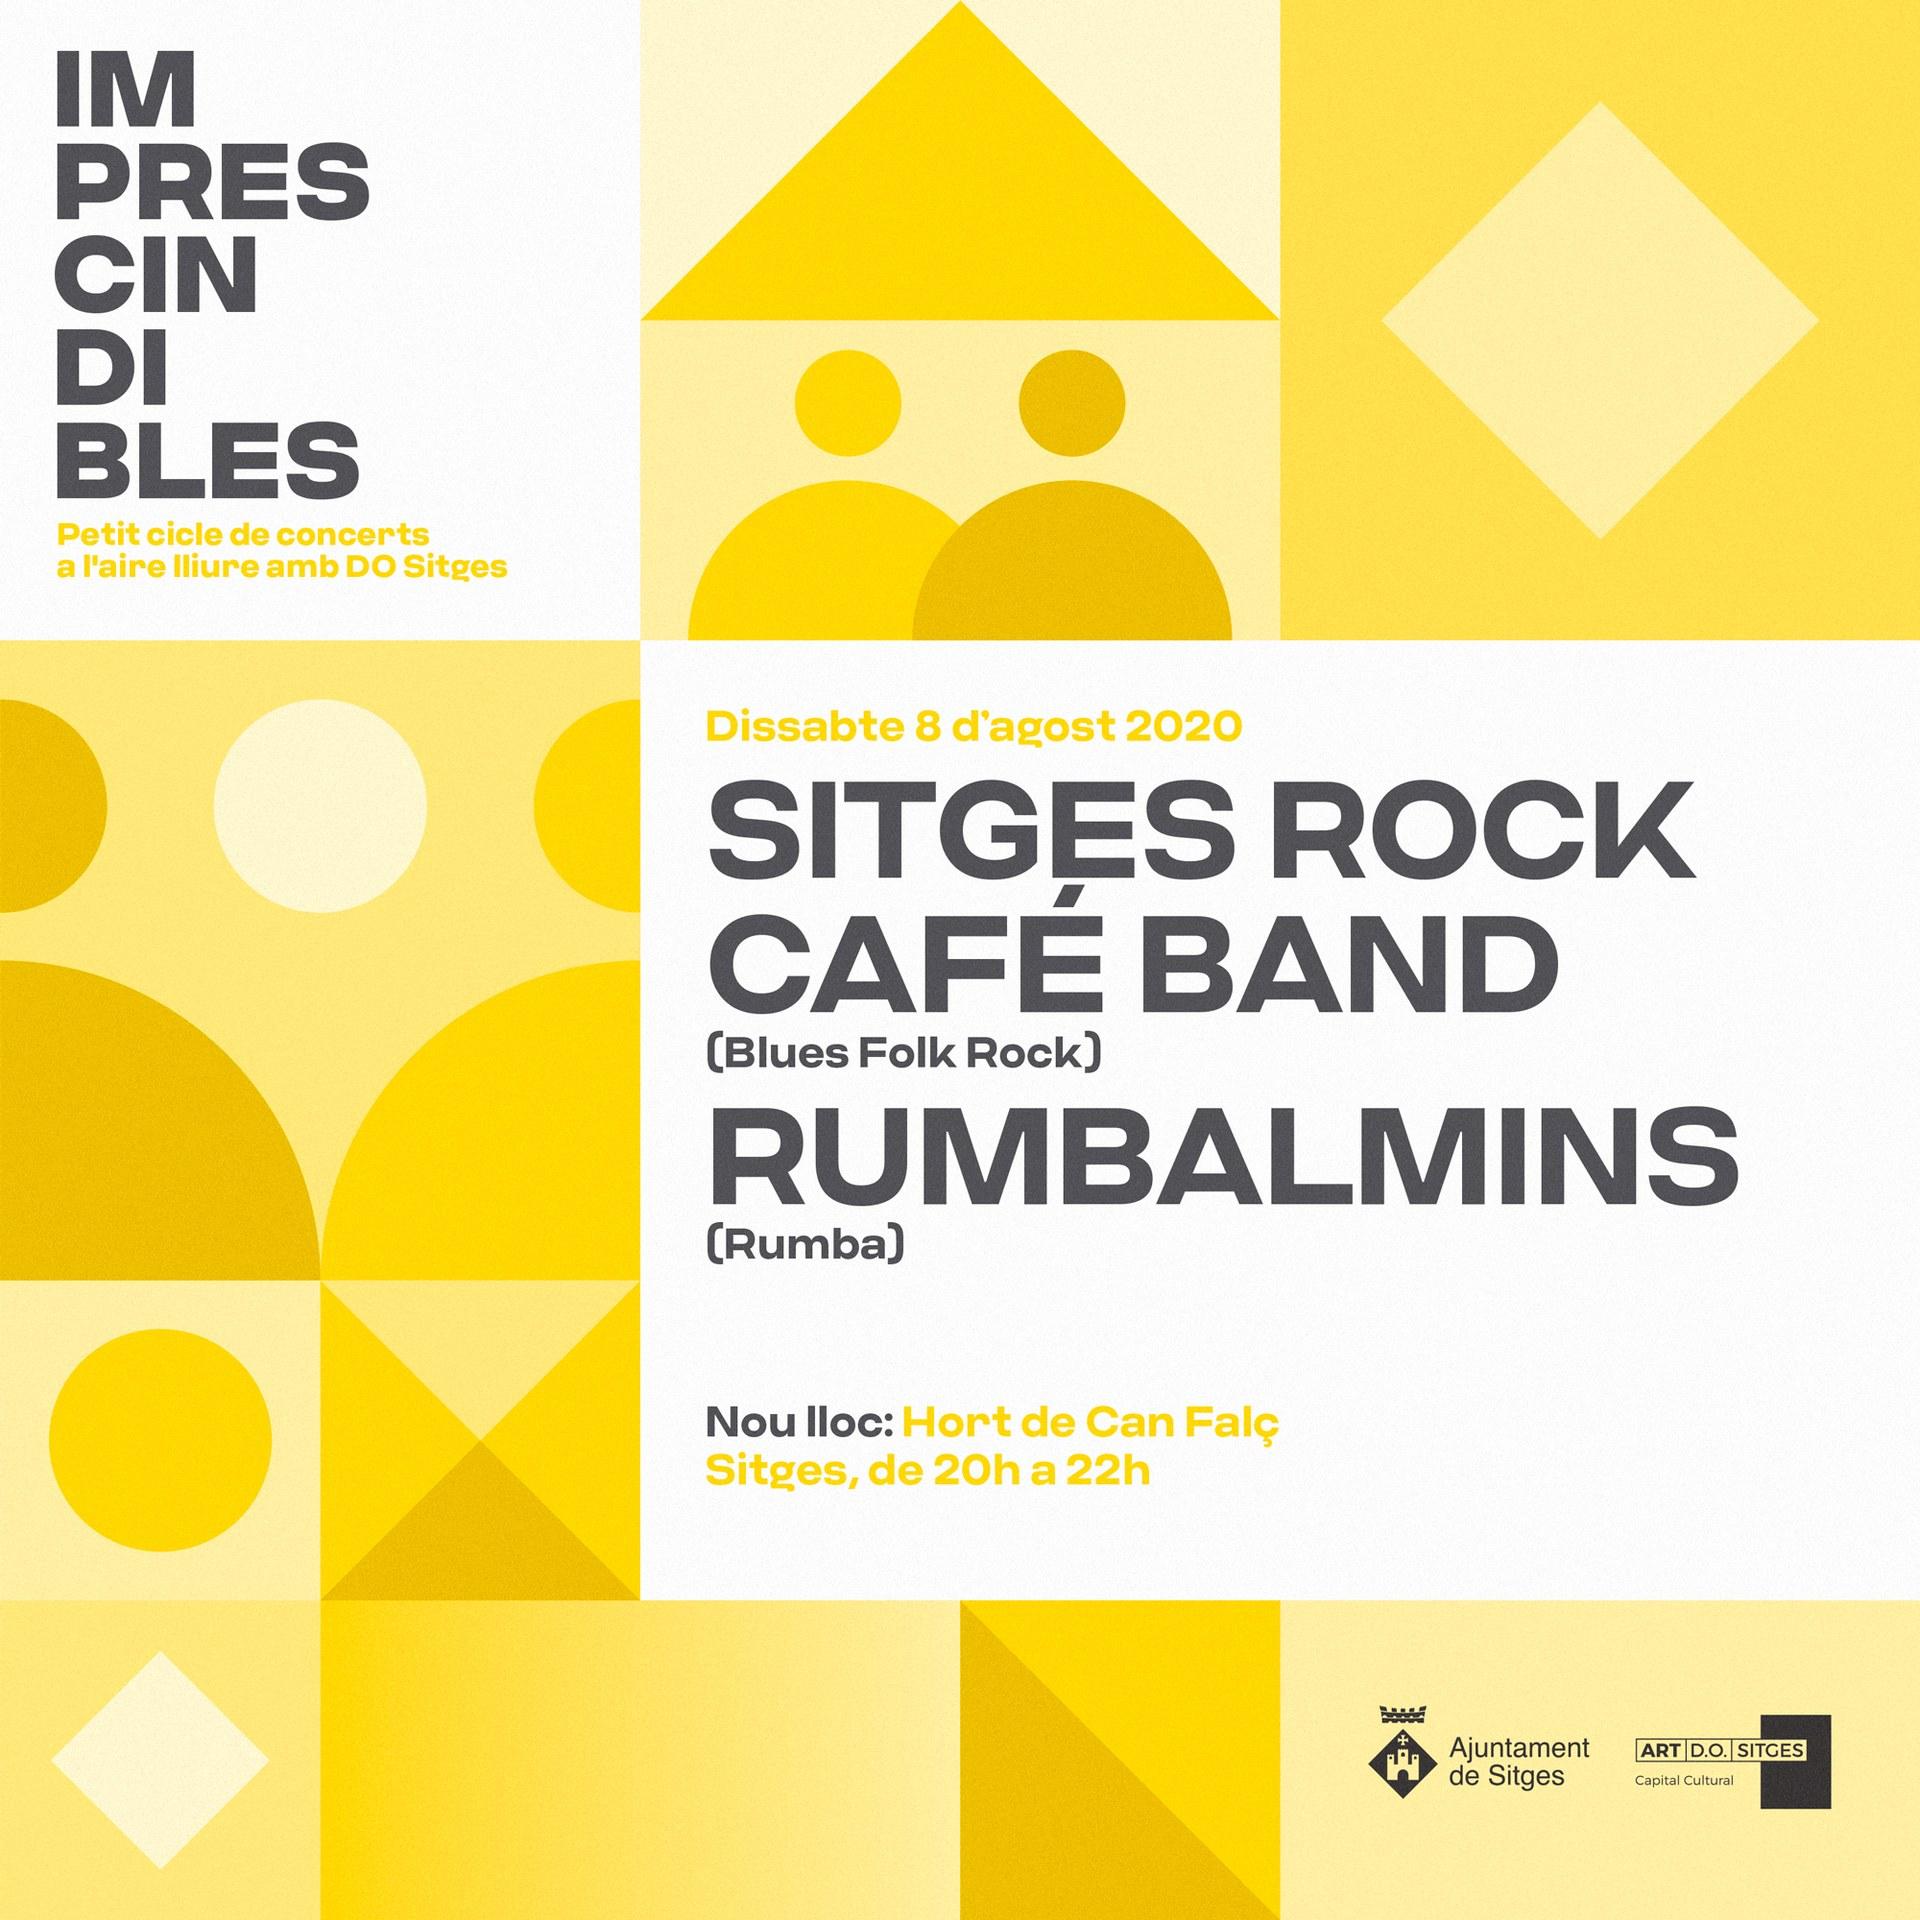 Concert de Sitges Rock Café Band i Rumbalmins